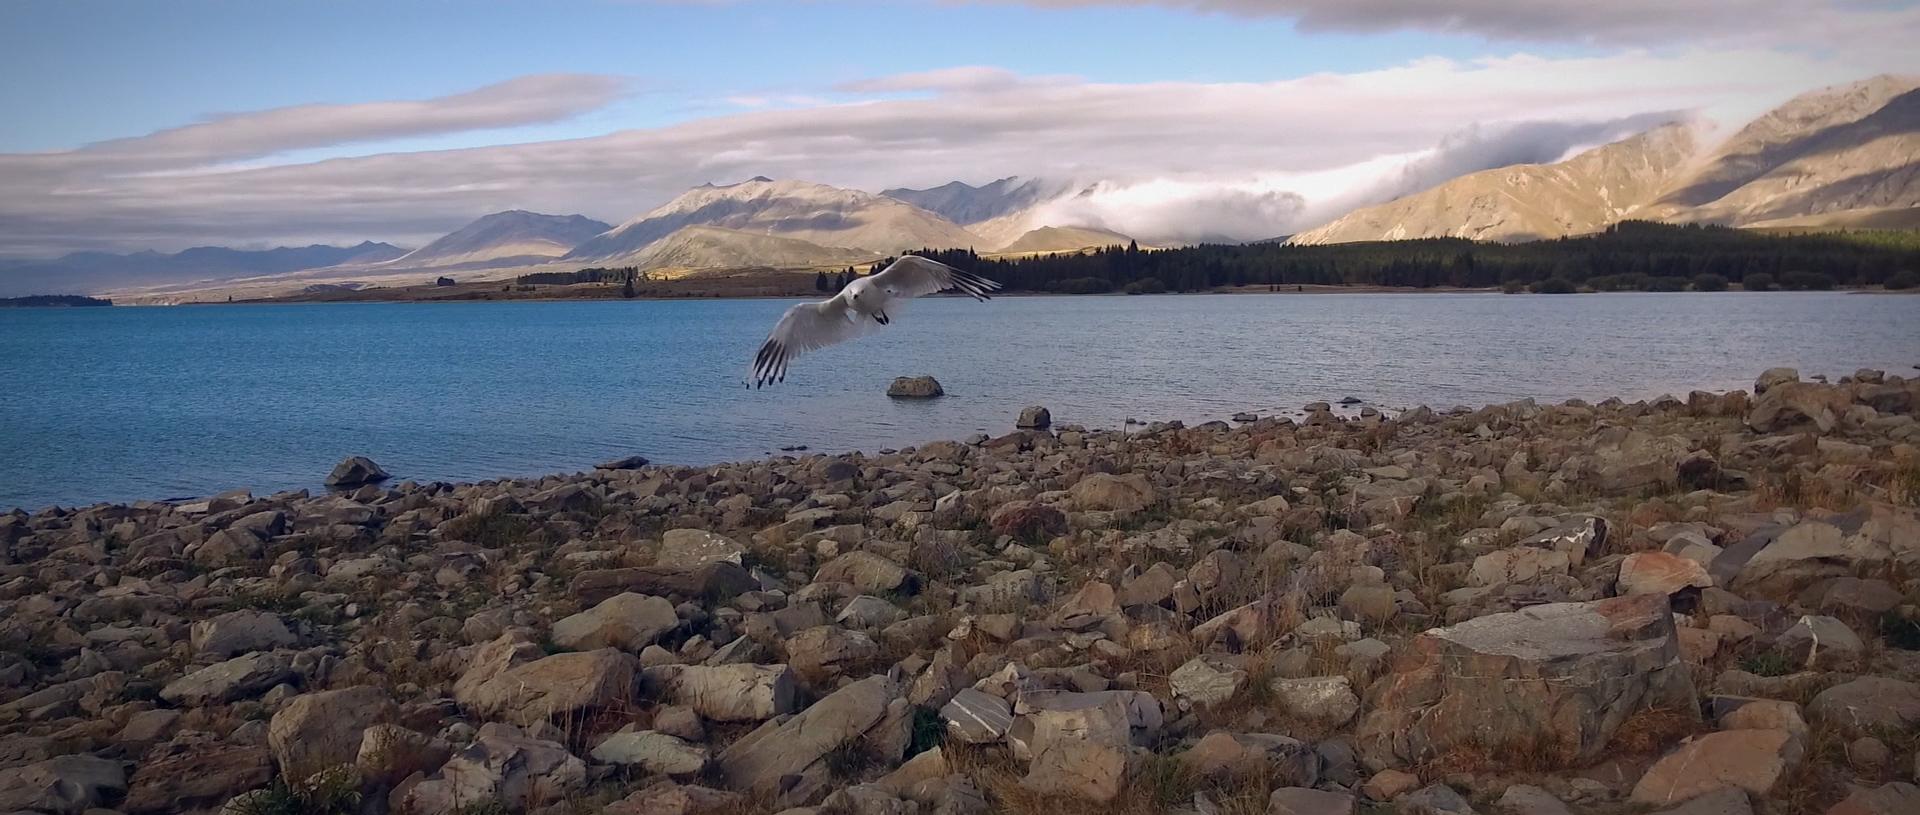 Bird on the Lake Tekapo